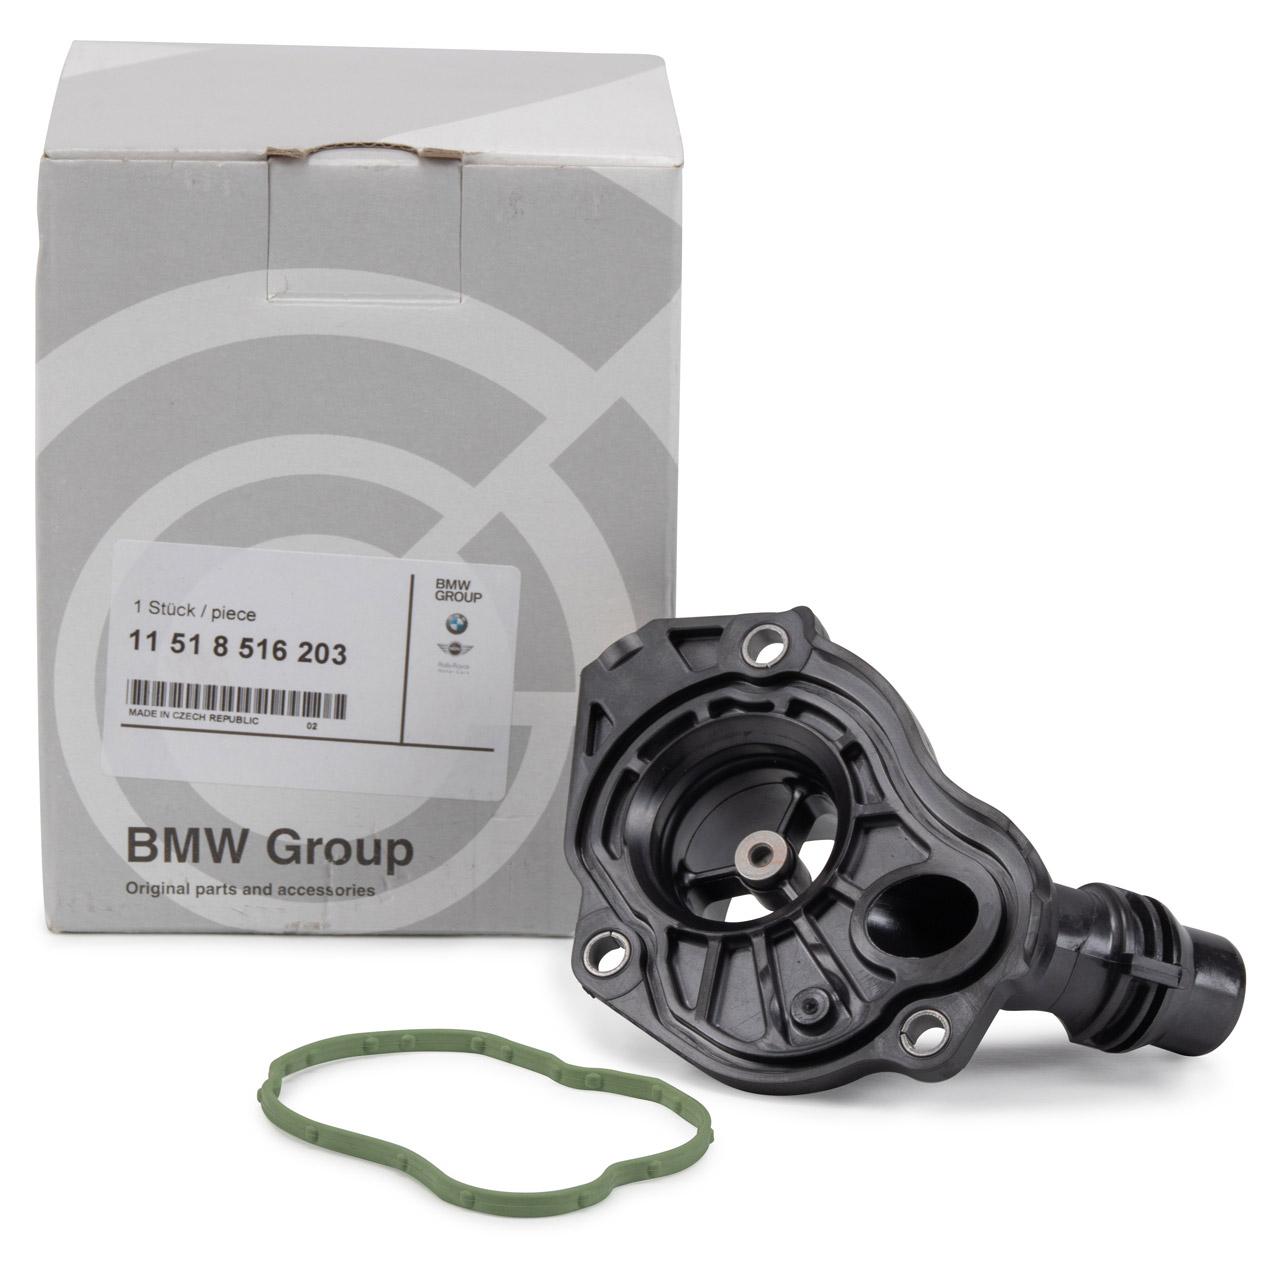 ORIGINAL BMW Thermostatgehäuse Kühlmittelflansch 1er 2er 3er 4er 5er 11518516203